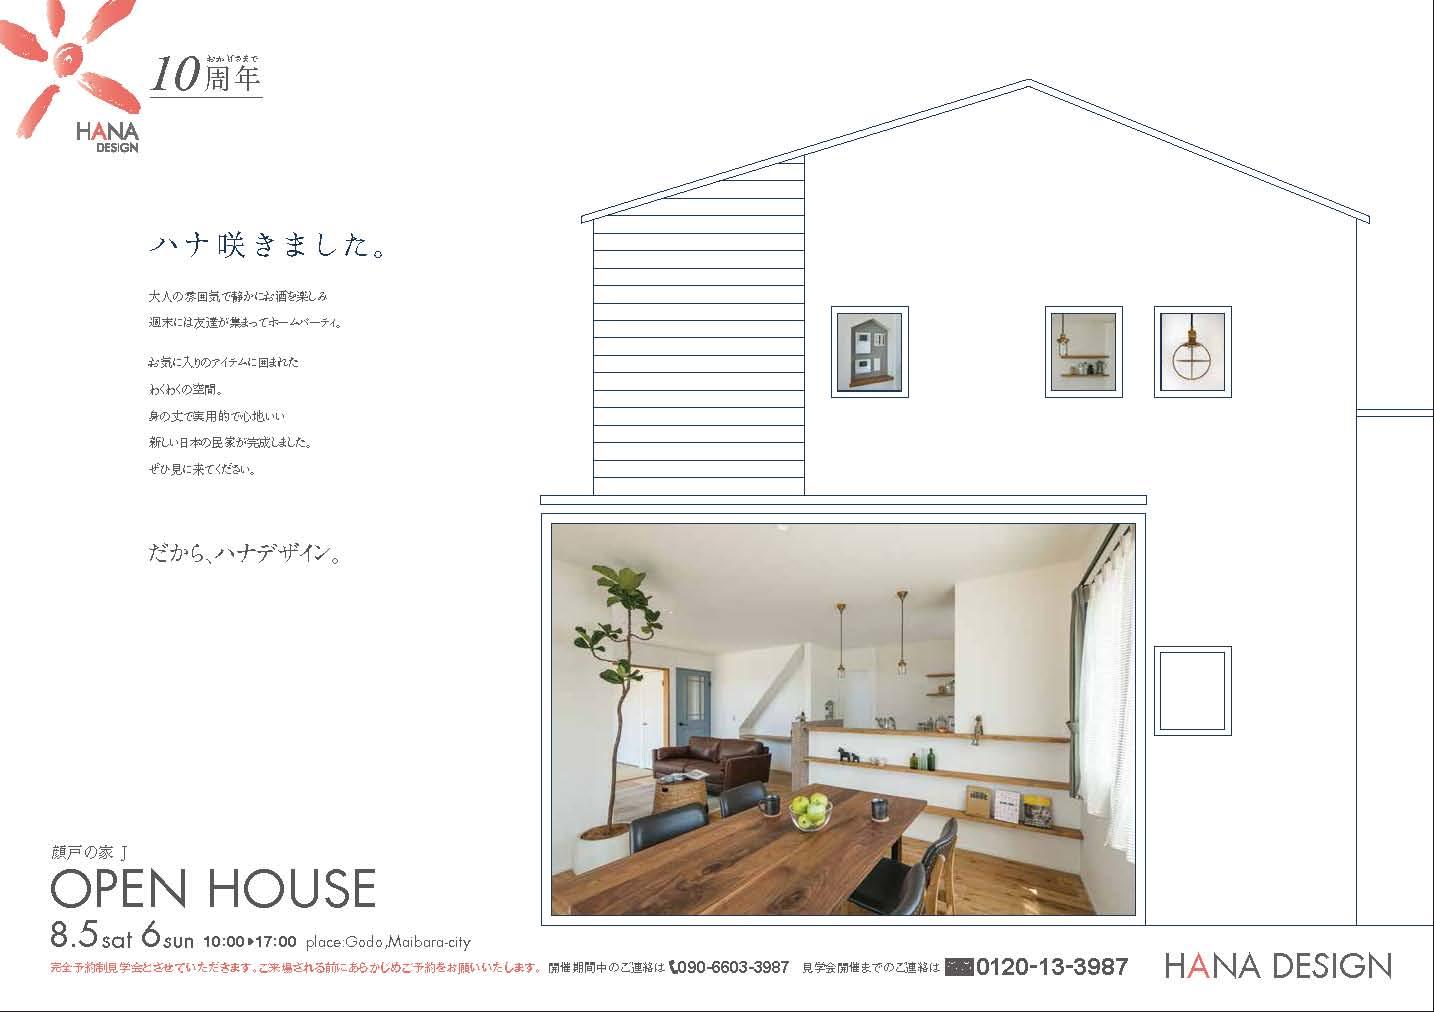 ハナデザインさま顔戸の家Jチラシ最終_ページ_1